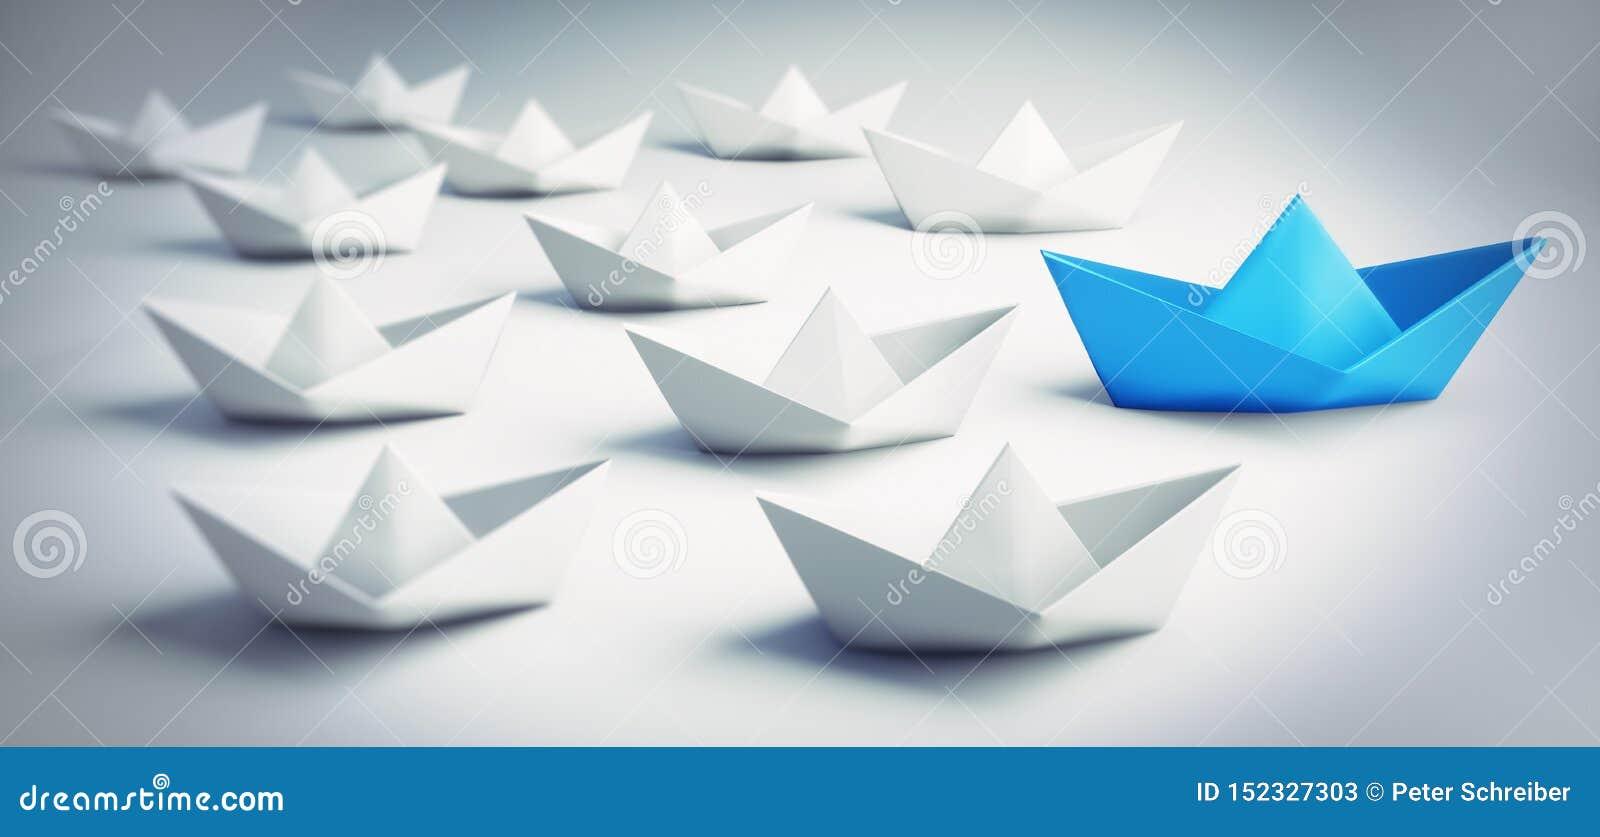 Grupp av vita och blåa pappers- fartyg - illustration 3D